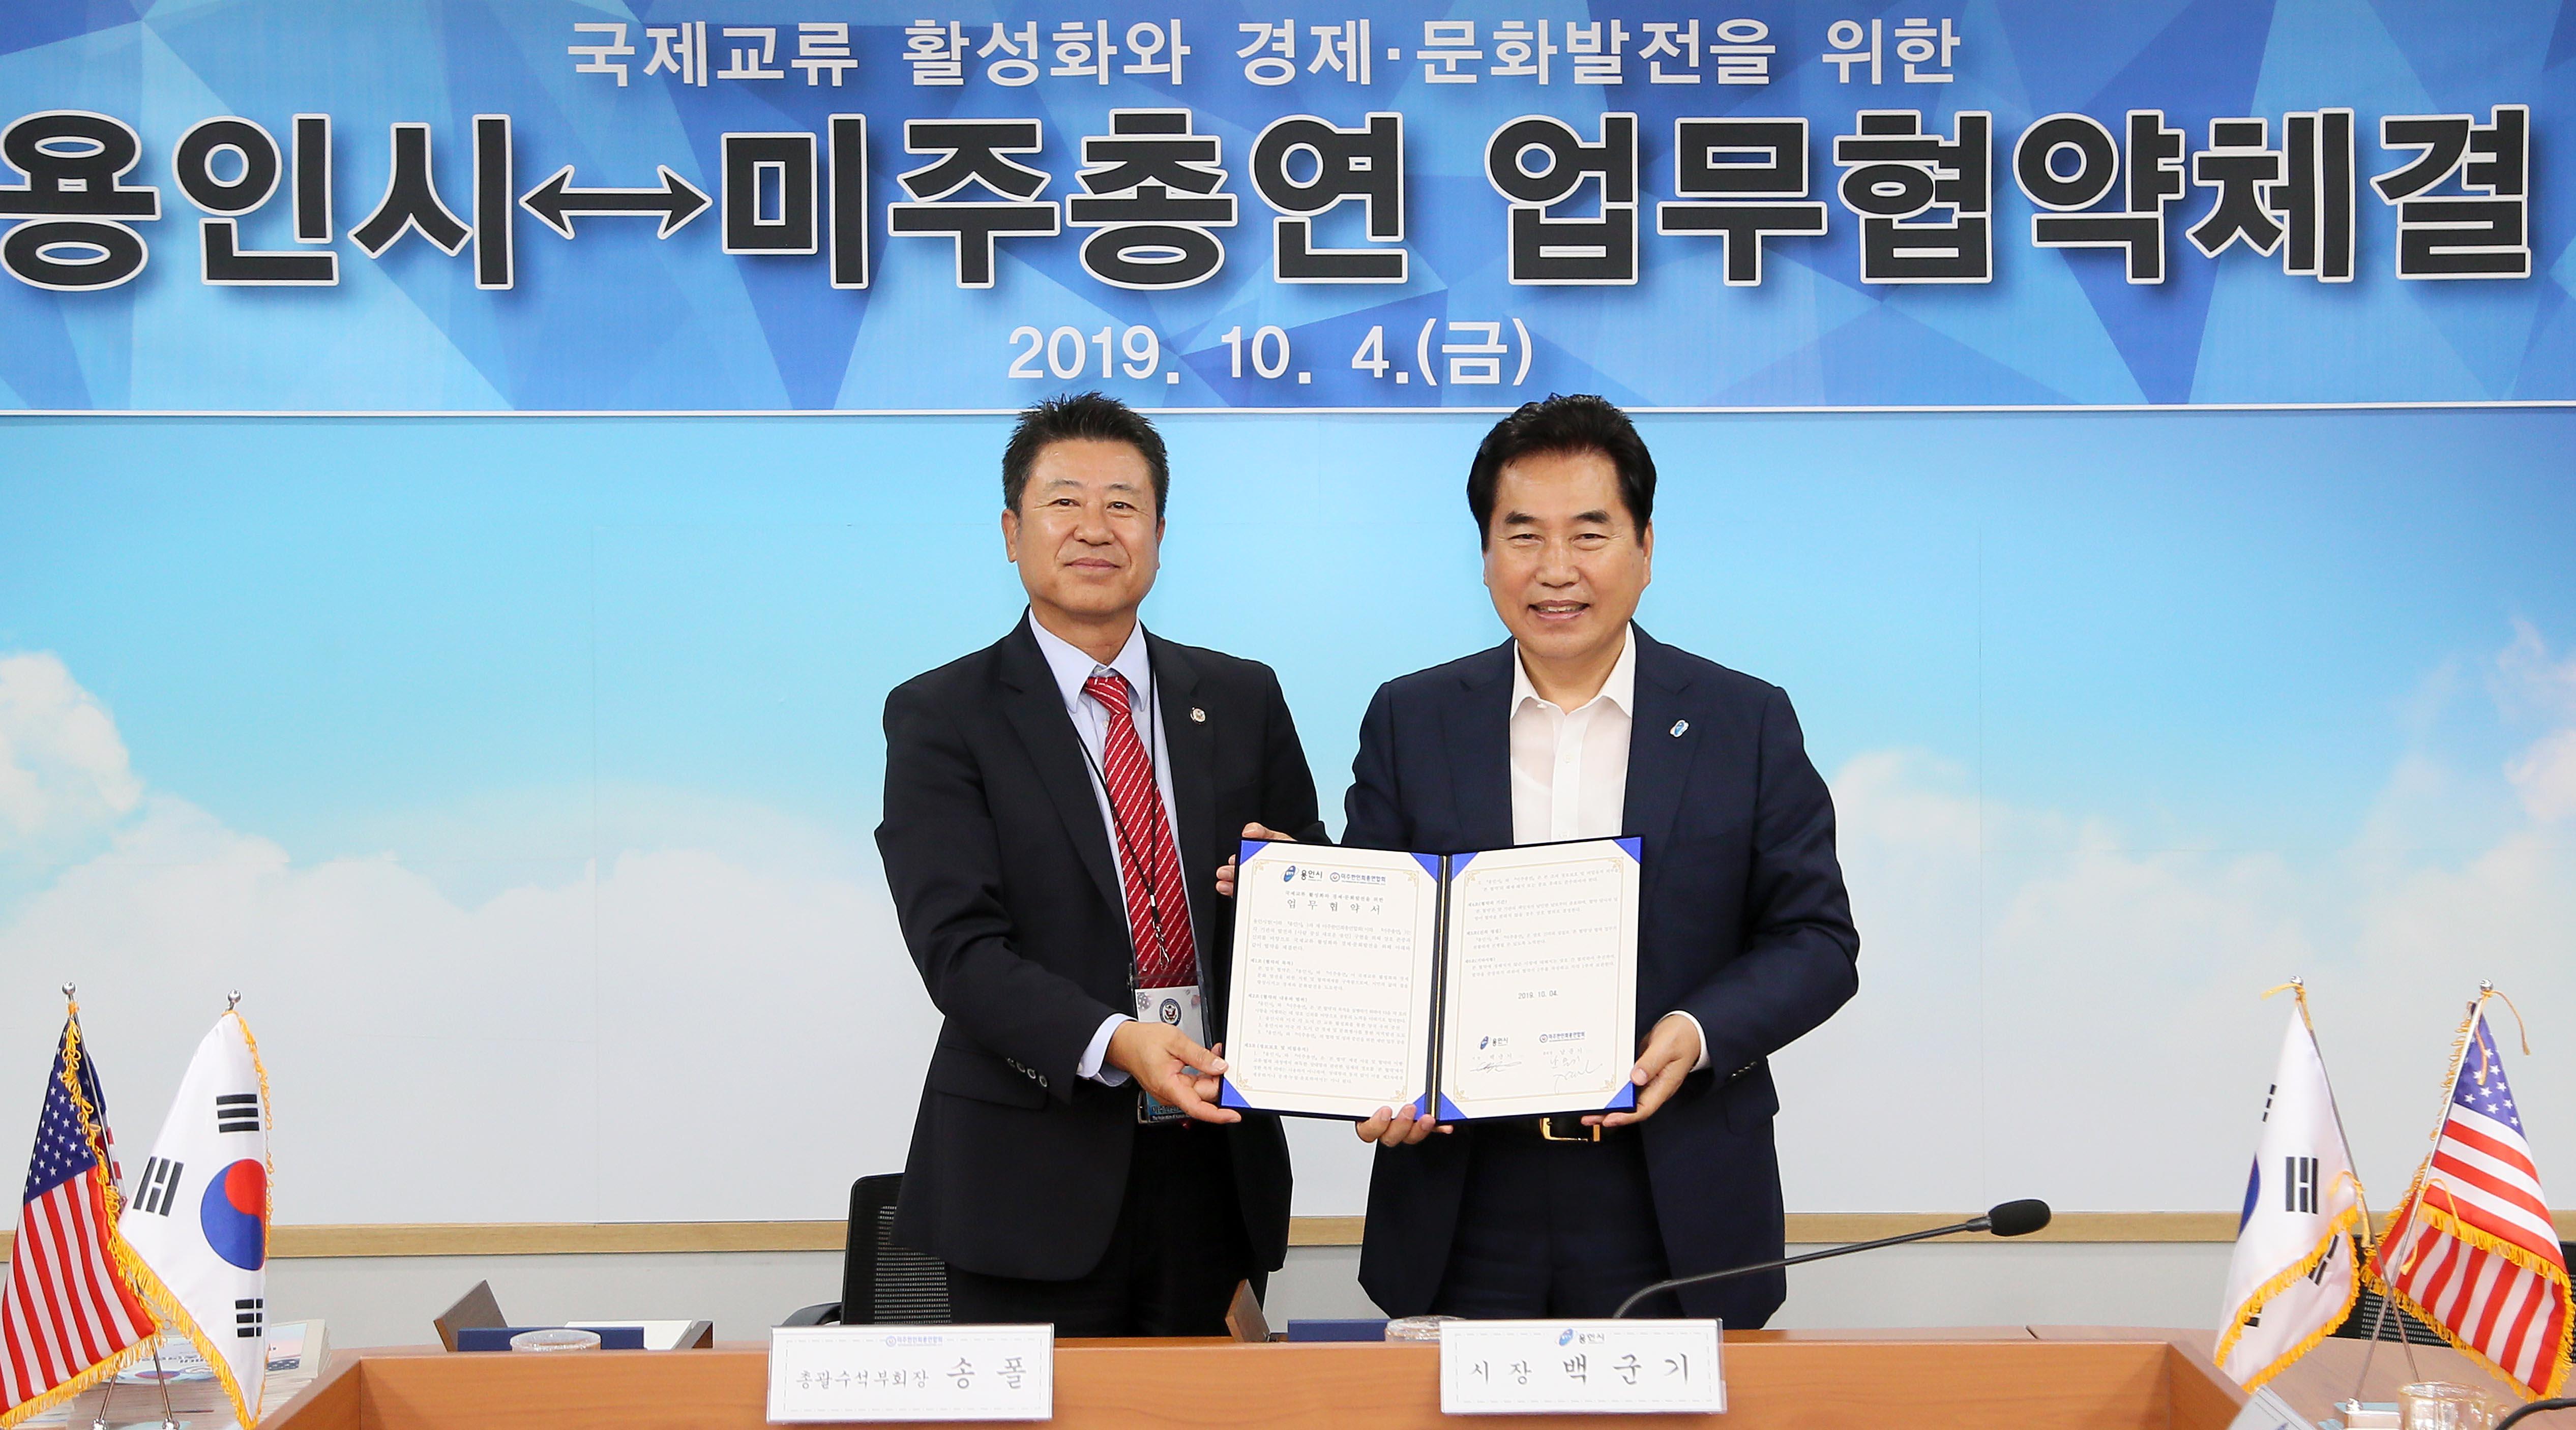 용인시, 미주한인회총연합회와 교류 활성화 업무협약